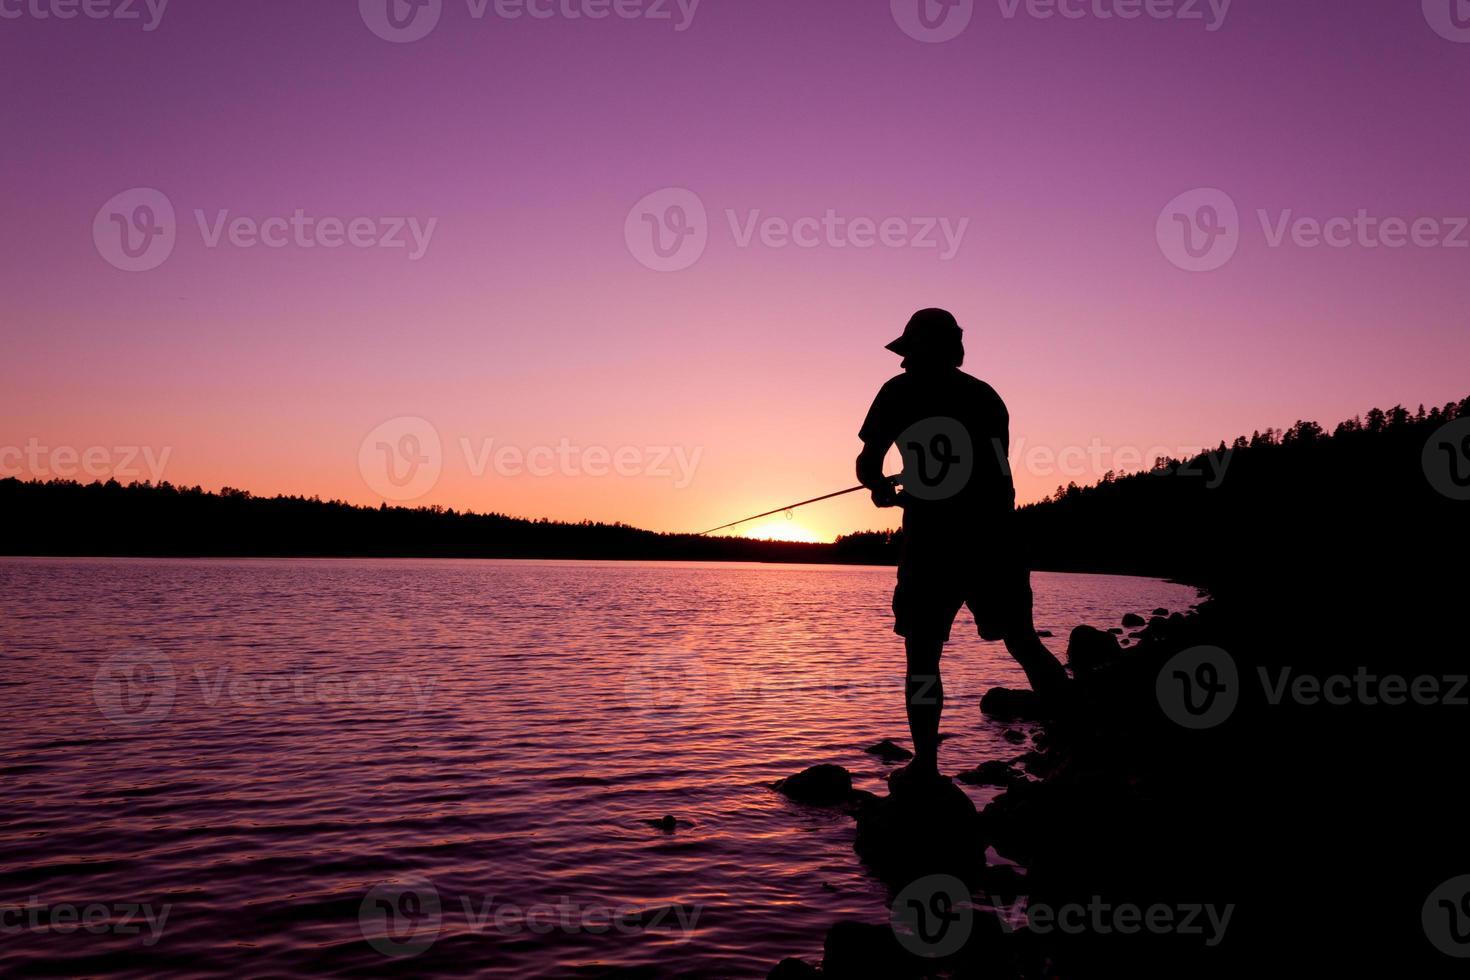 pescador ao pôr do sol foto